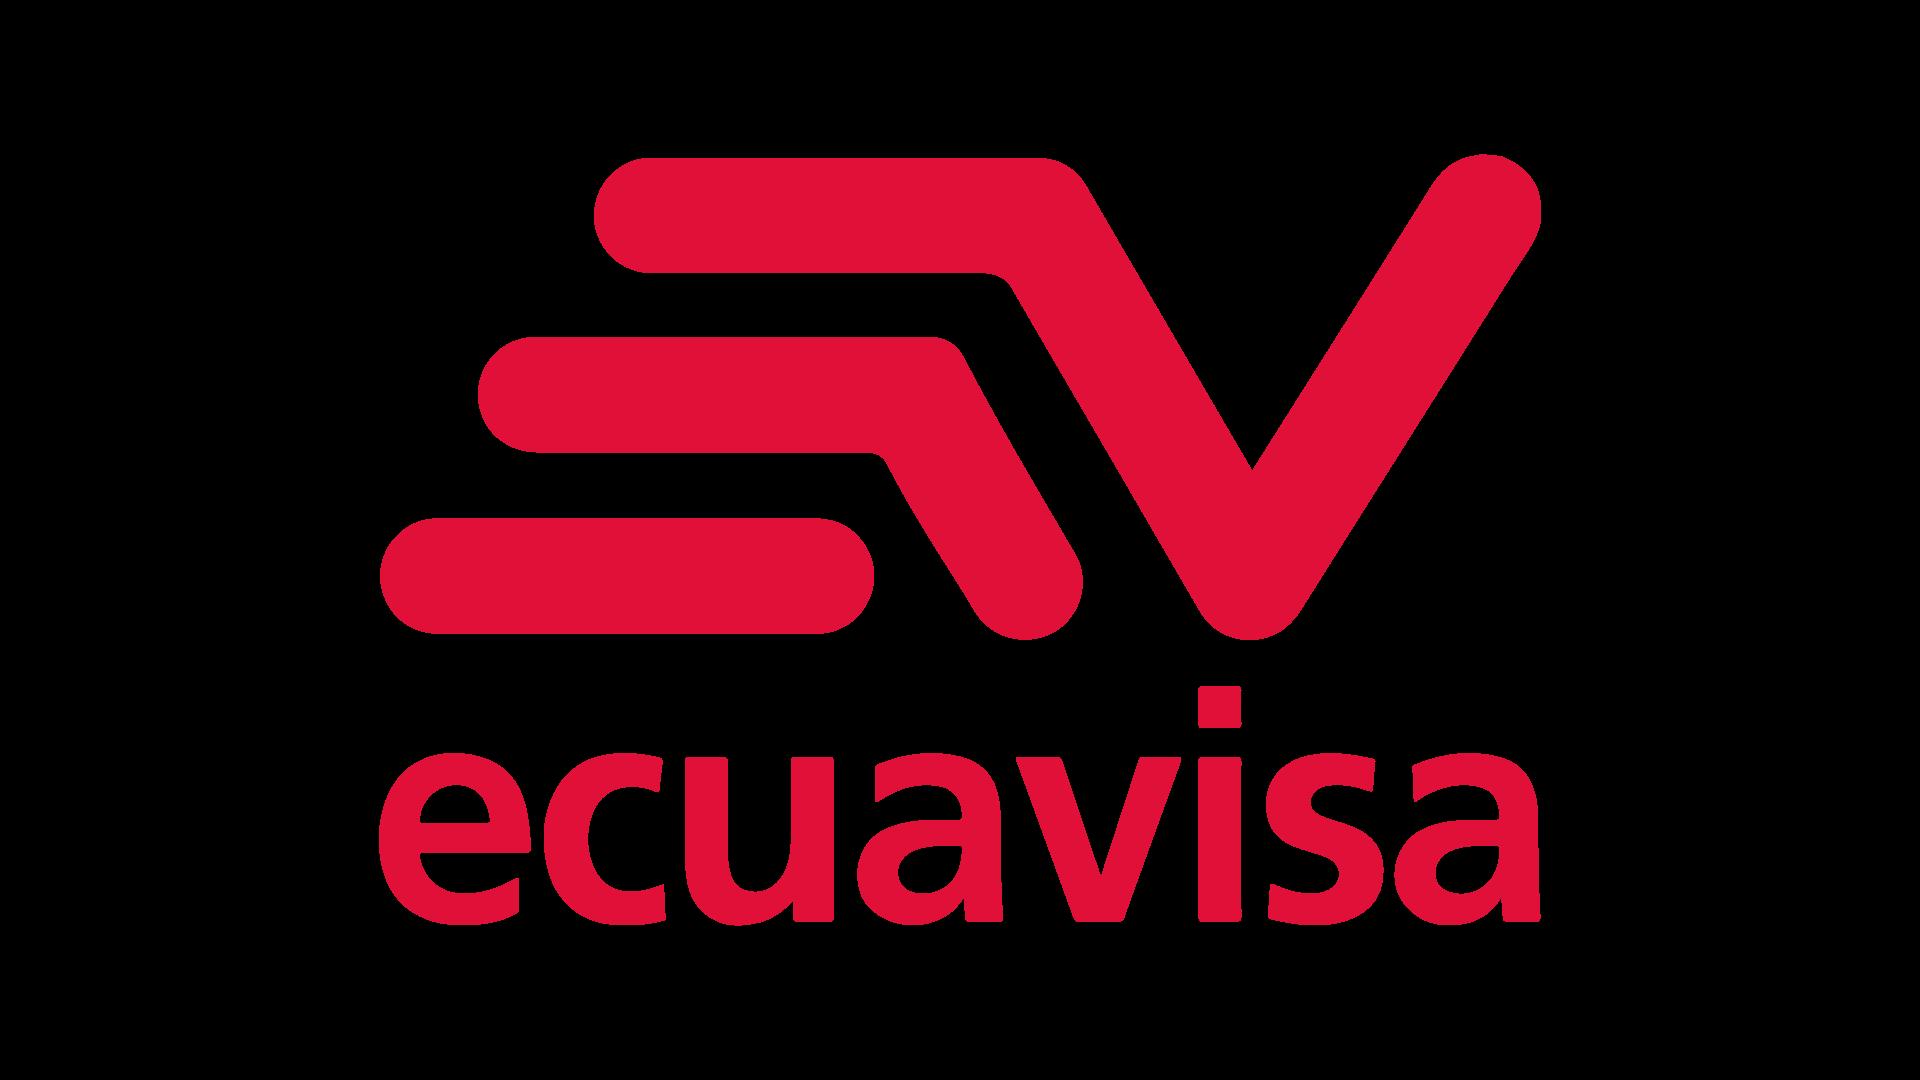 Ecuavisa - Wikipedia, la enciclopedia libre